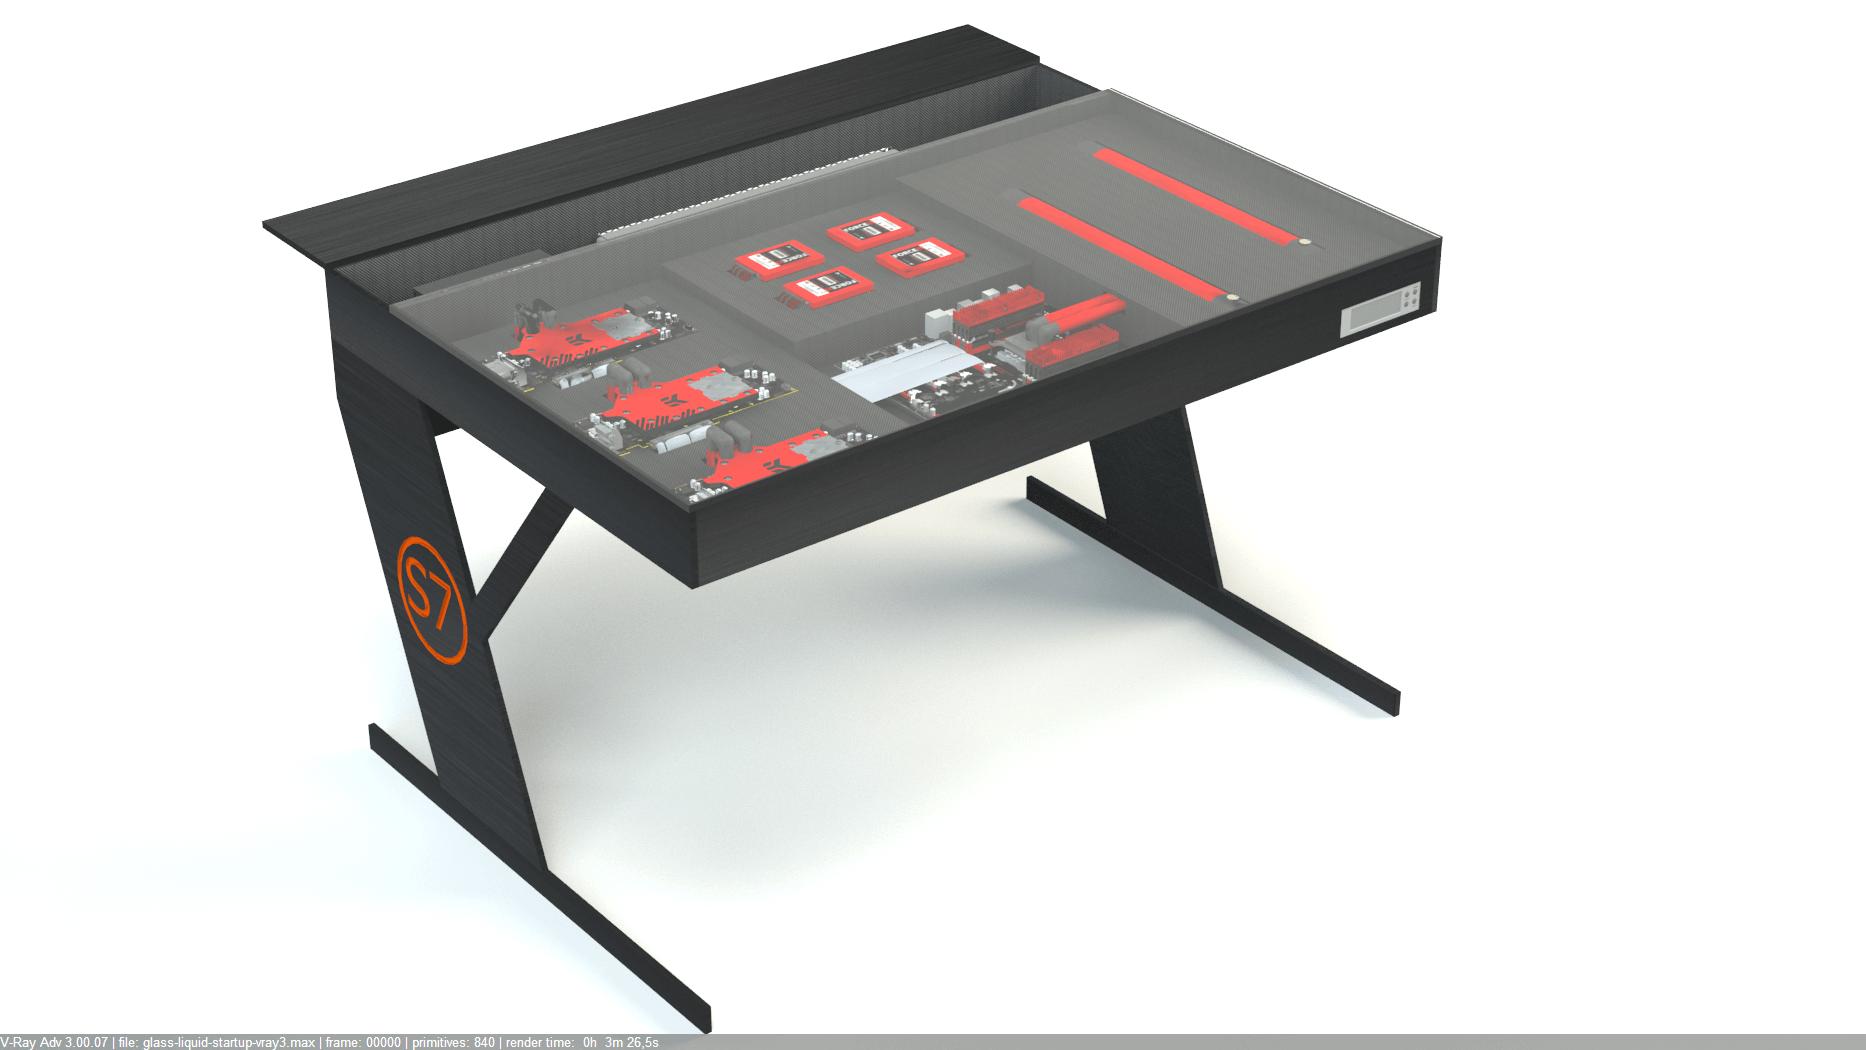 S7 desk 2015 preview